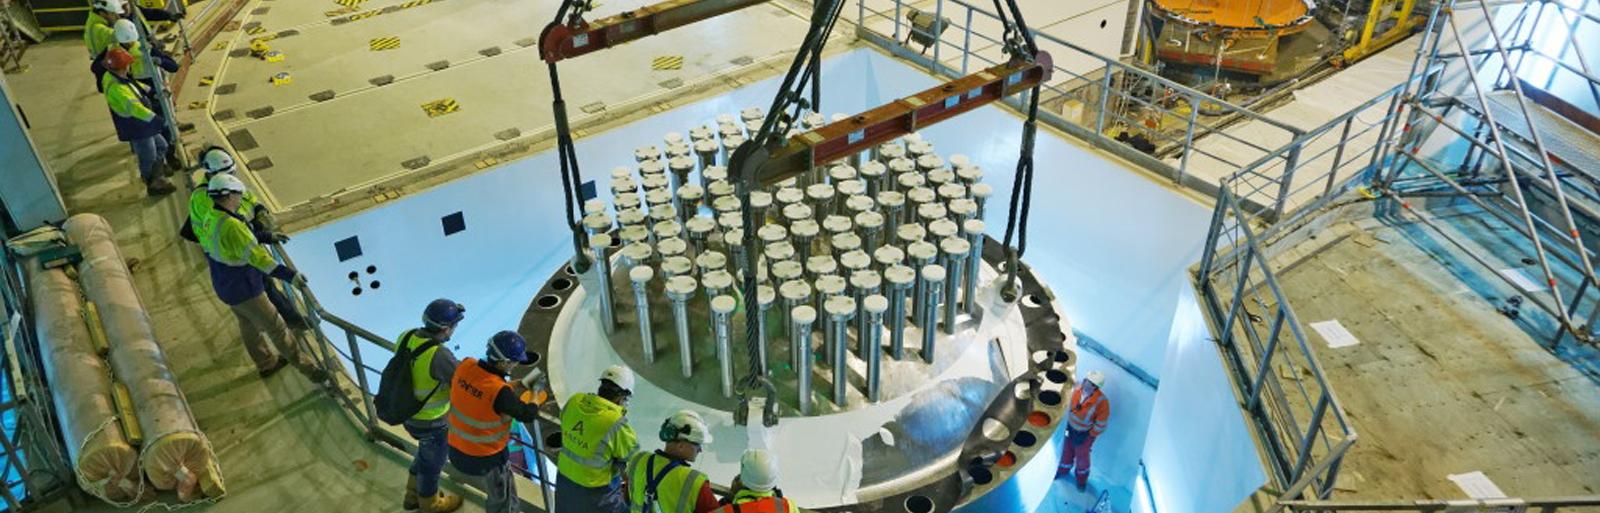 Insertion couvercle de cuve dans batiment réacteur ©EDF